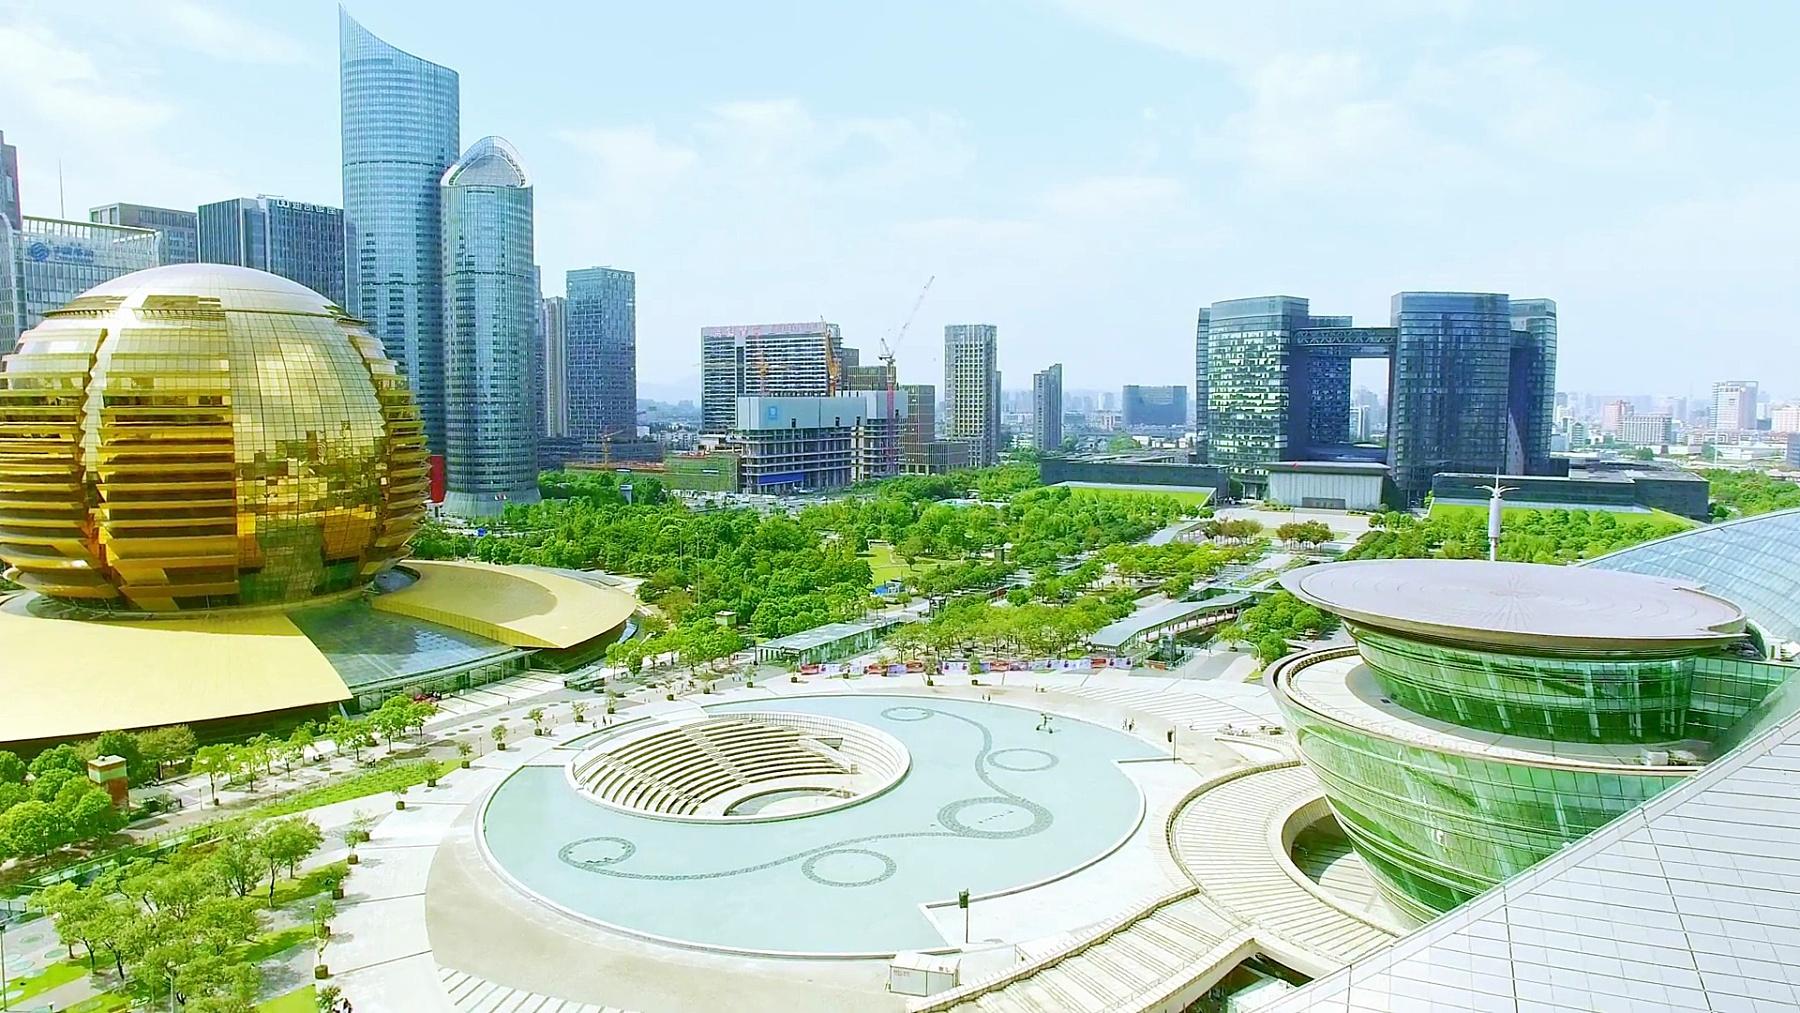 杭州蓝天现代城市无人机拍摄